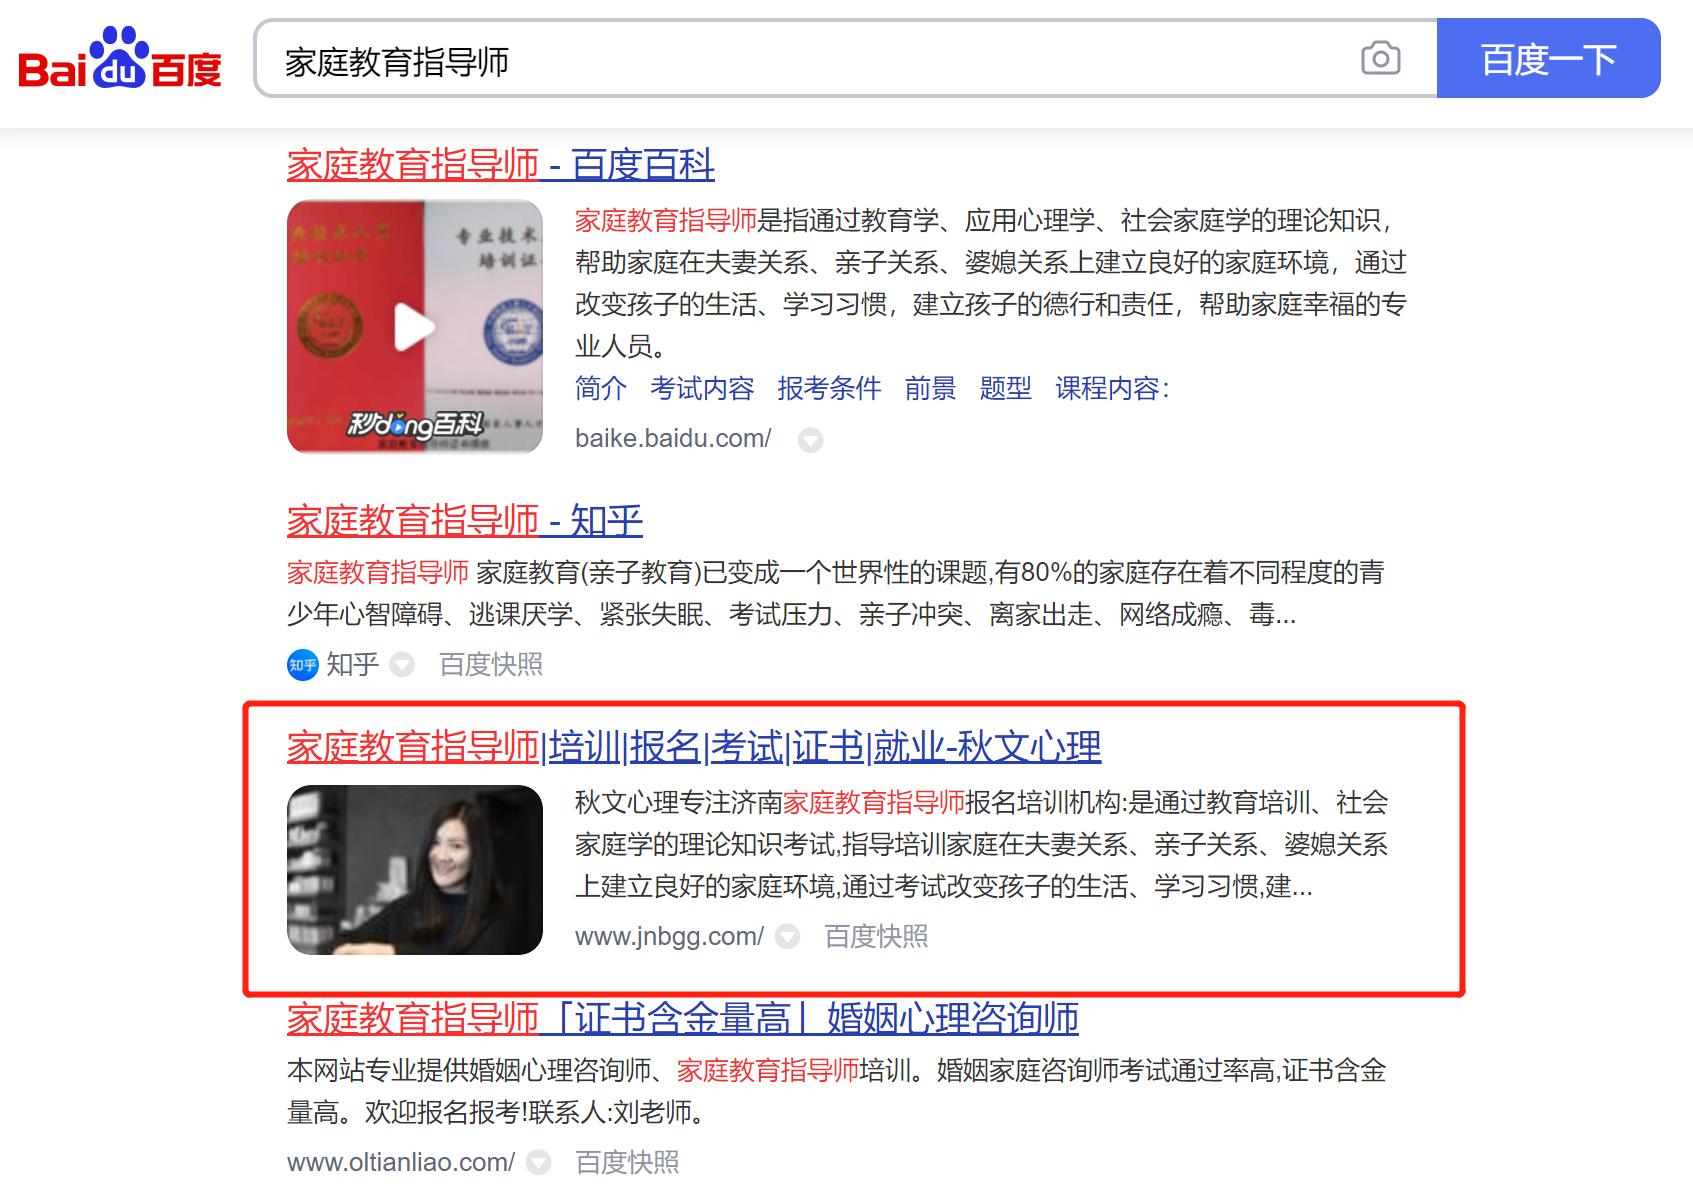 秋文教育营销型网站500指数词排名